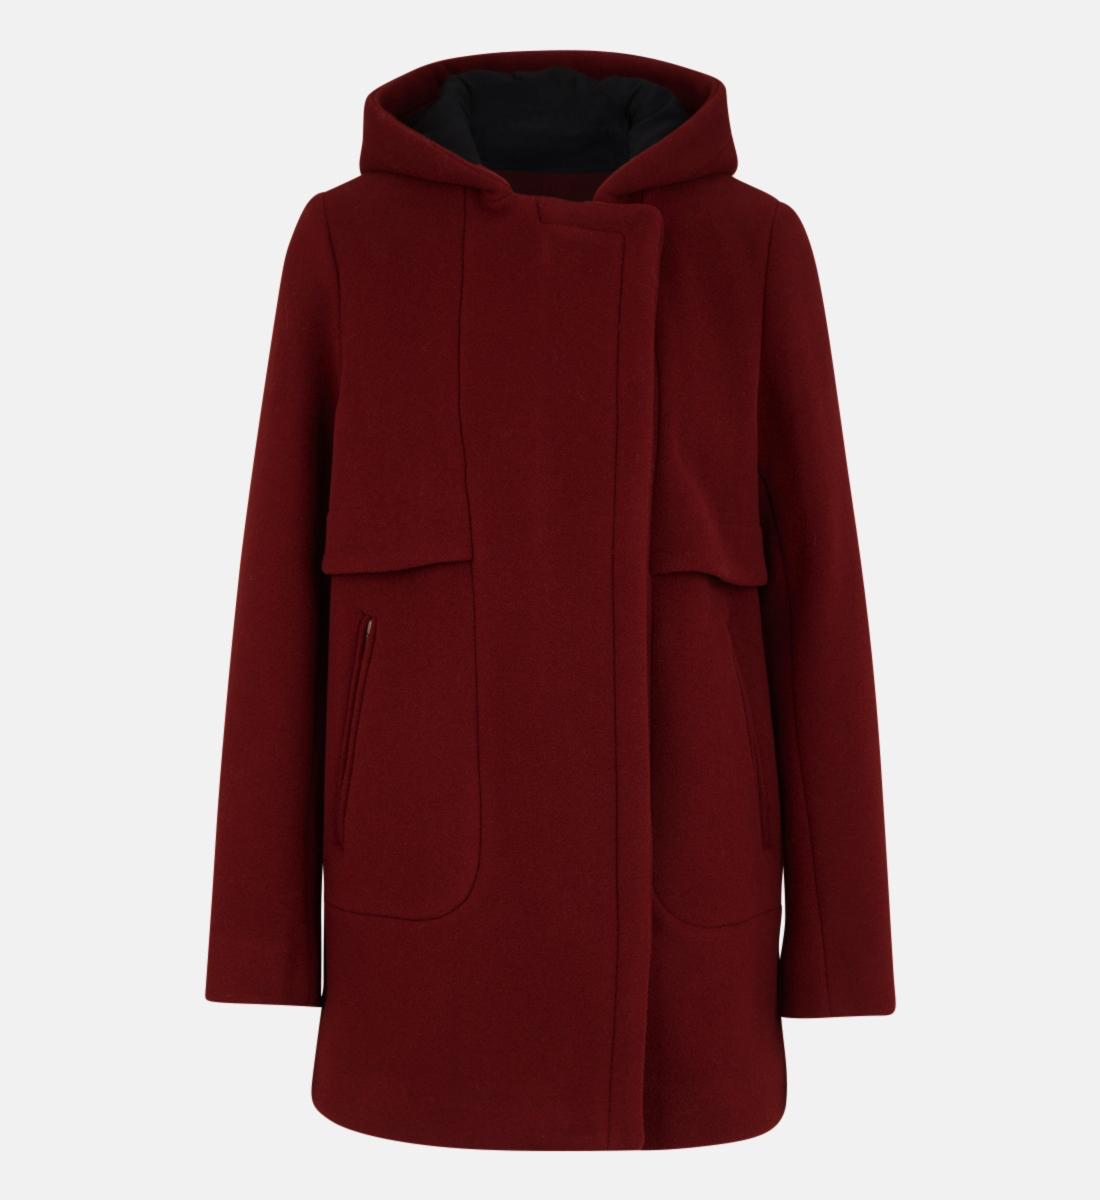 Manteau femme comptoir des cotonniers 50 manteaux pour - Au comptoir des cotonniers ...